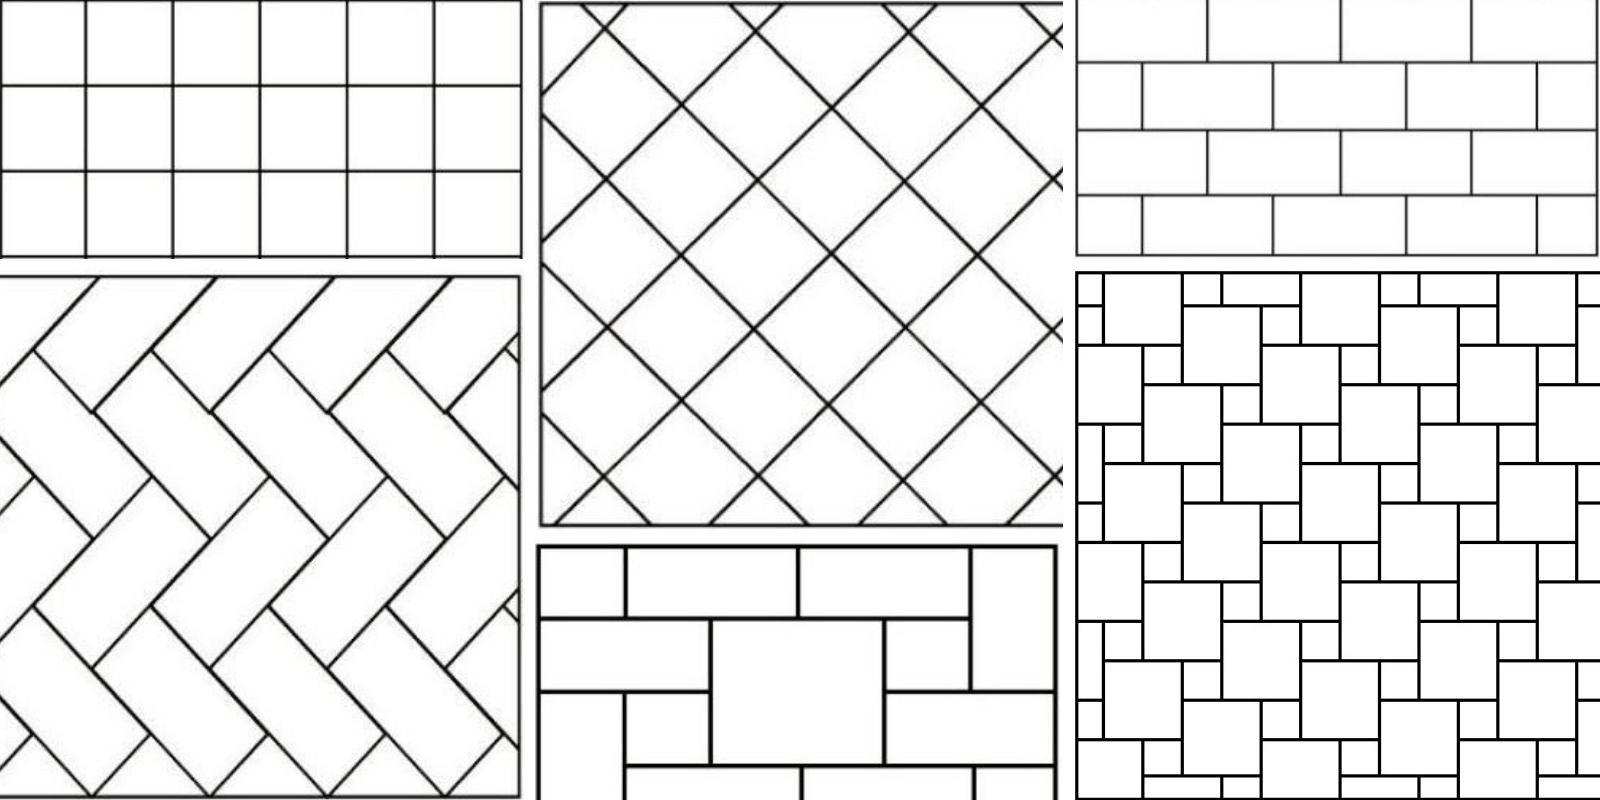 башни рисунок укладки плитки на пол каждый день над